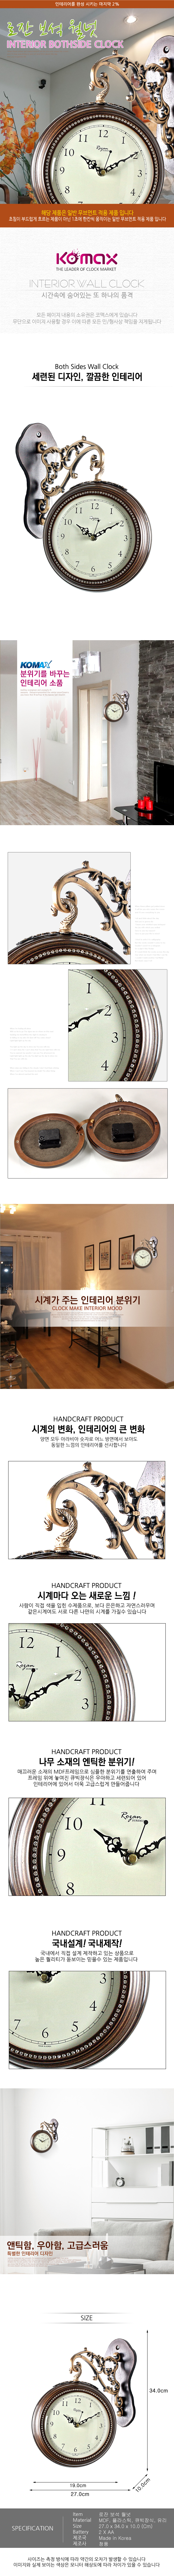 로잔 보석 양면 월넛 양면벽시계 - 코맥스, 53,100원, 양면시계, 앤틱